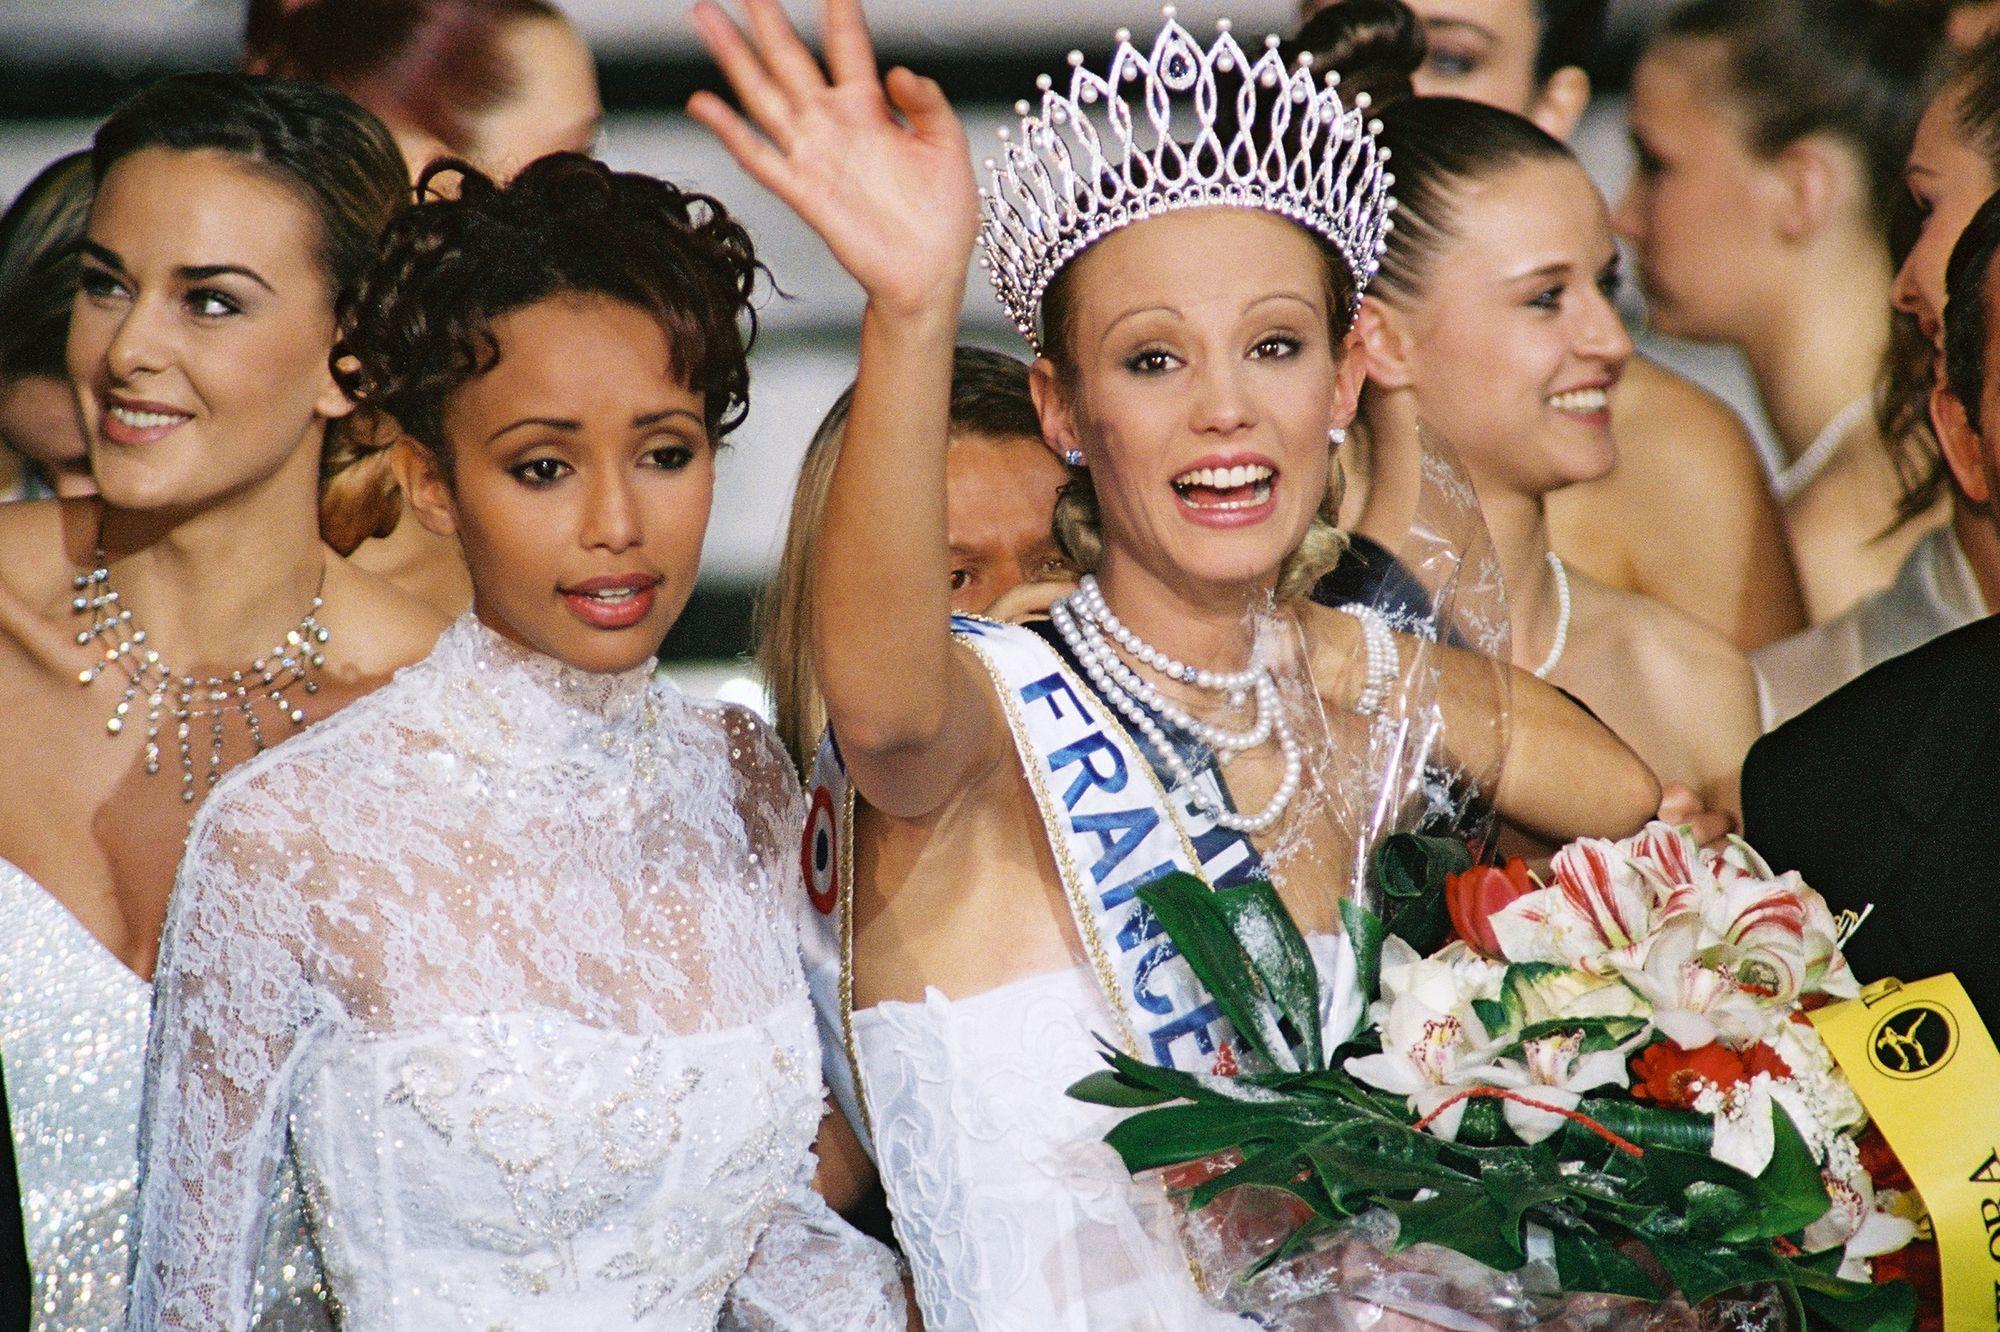 Quand Elodie Gossuin était élue Miss France 2001